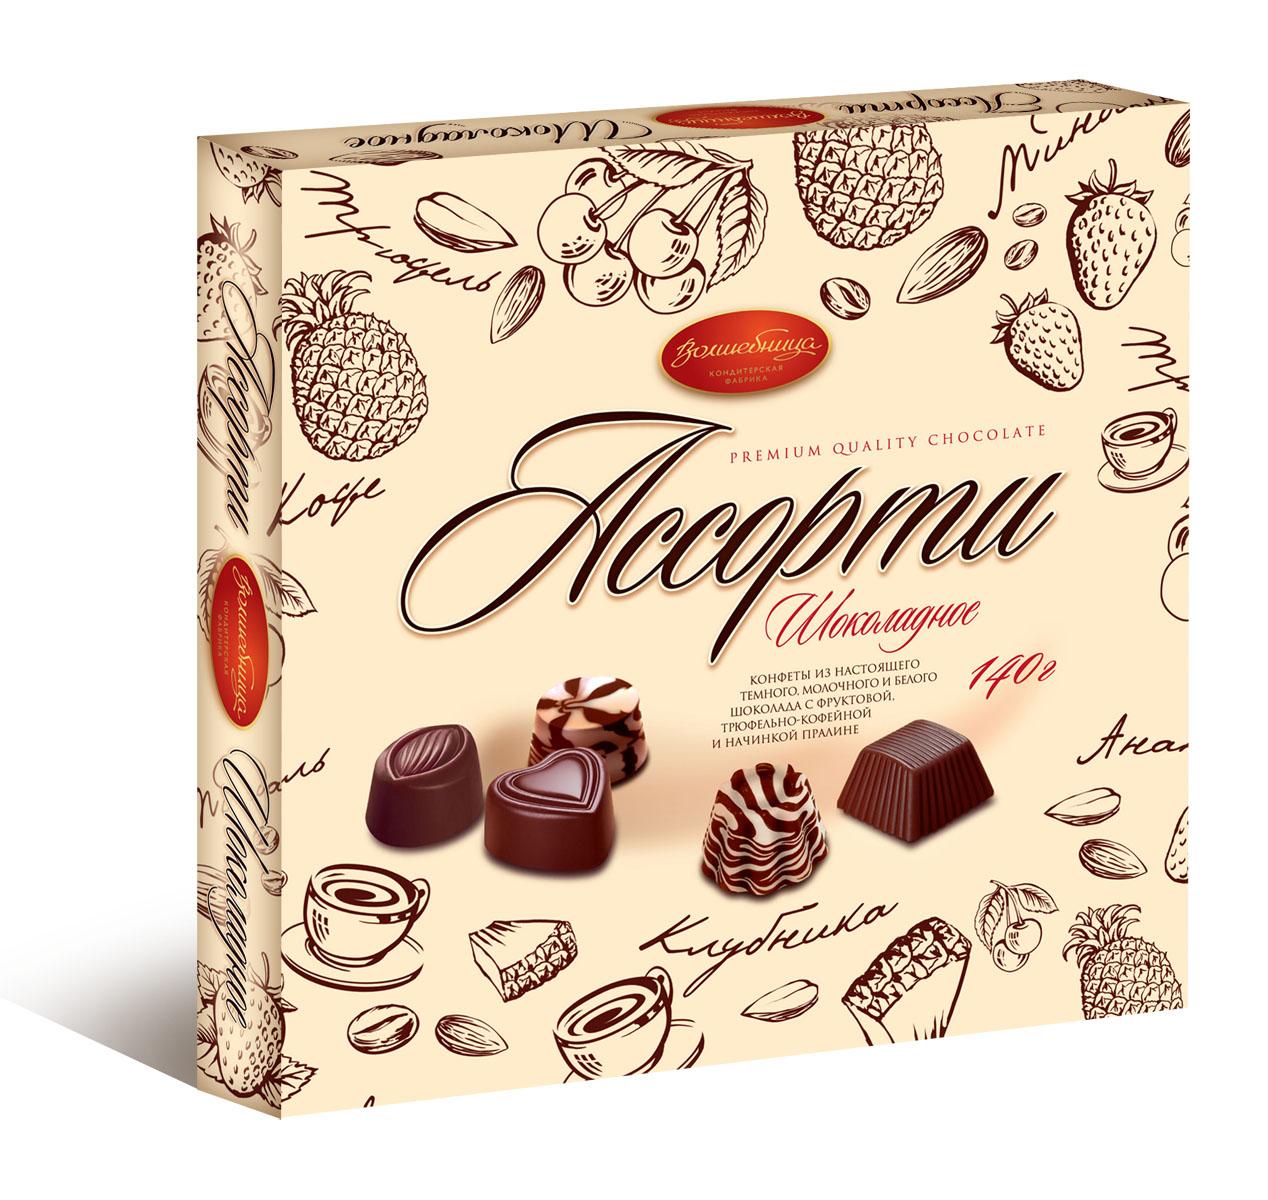 Волшебница конфеты шоколадное ассорти (белые), 140 г цена